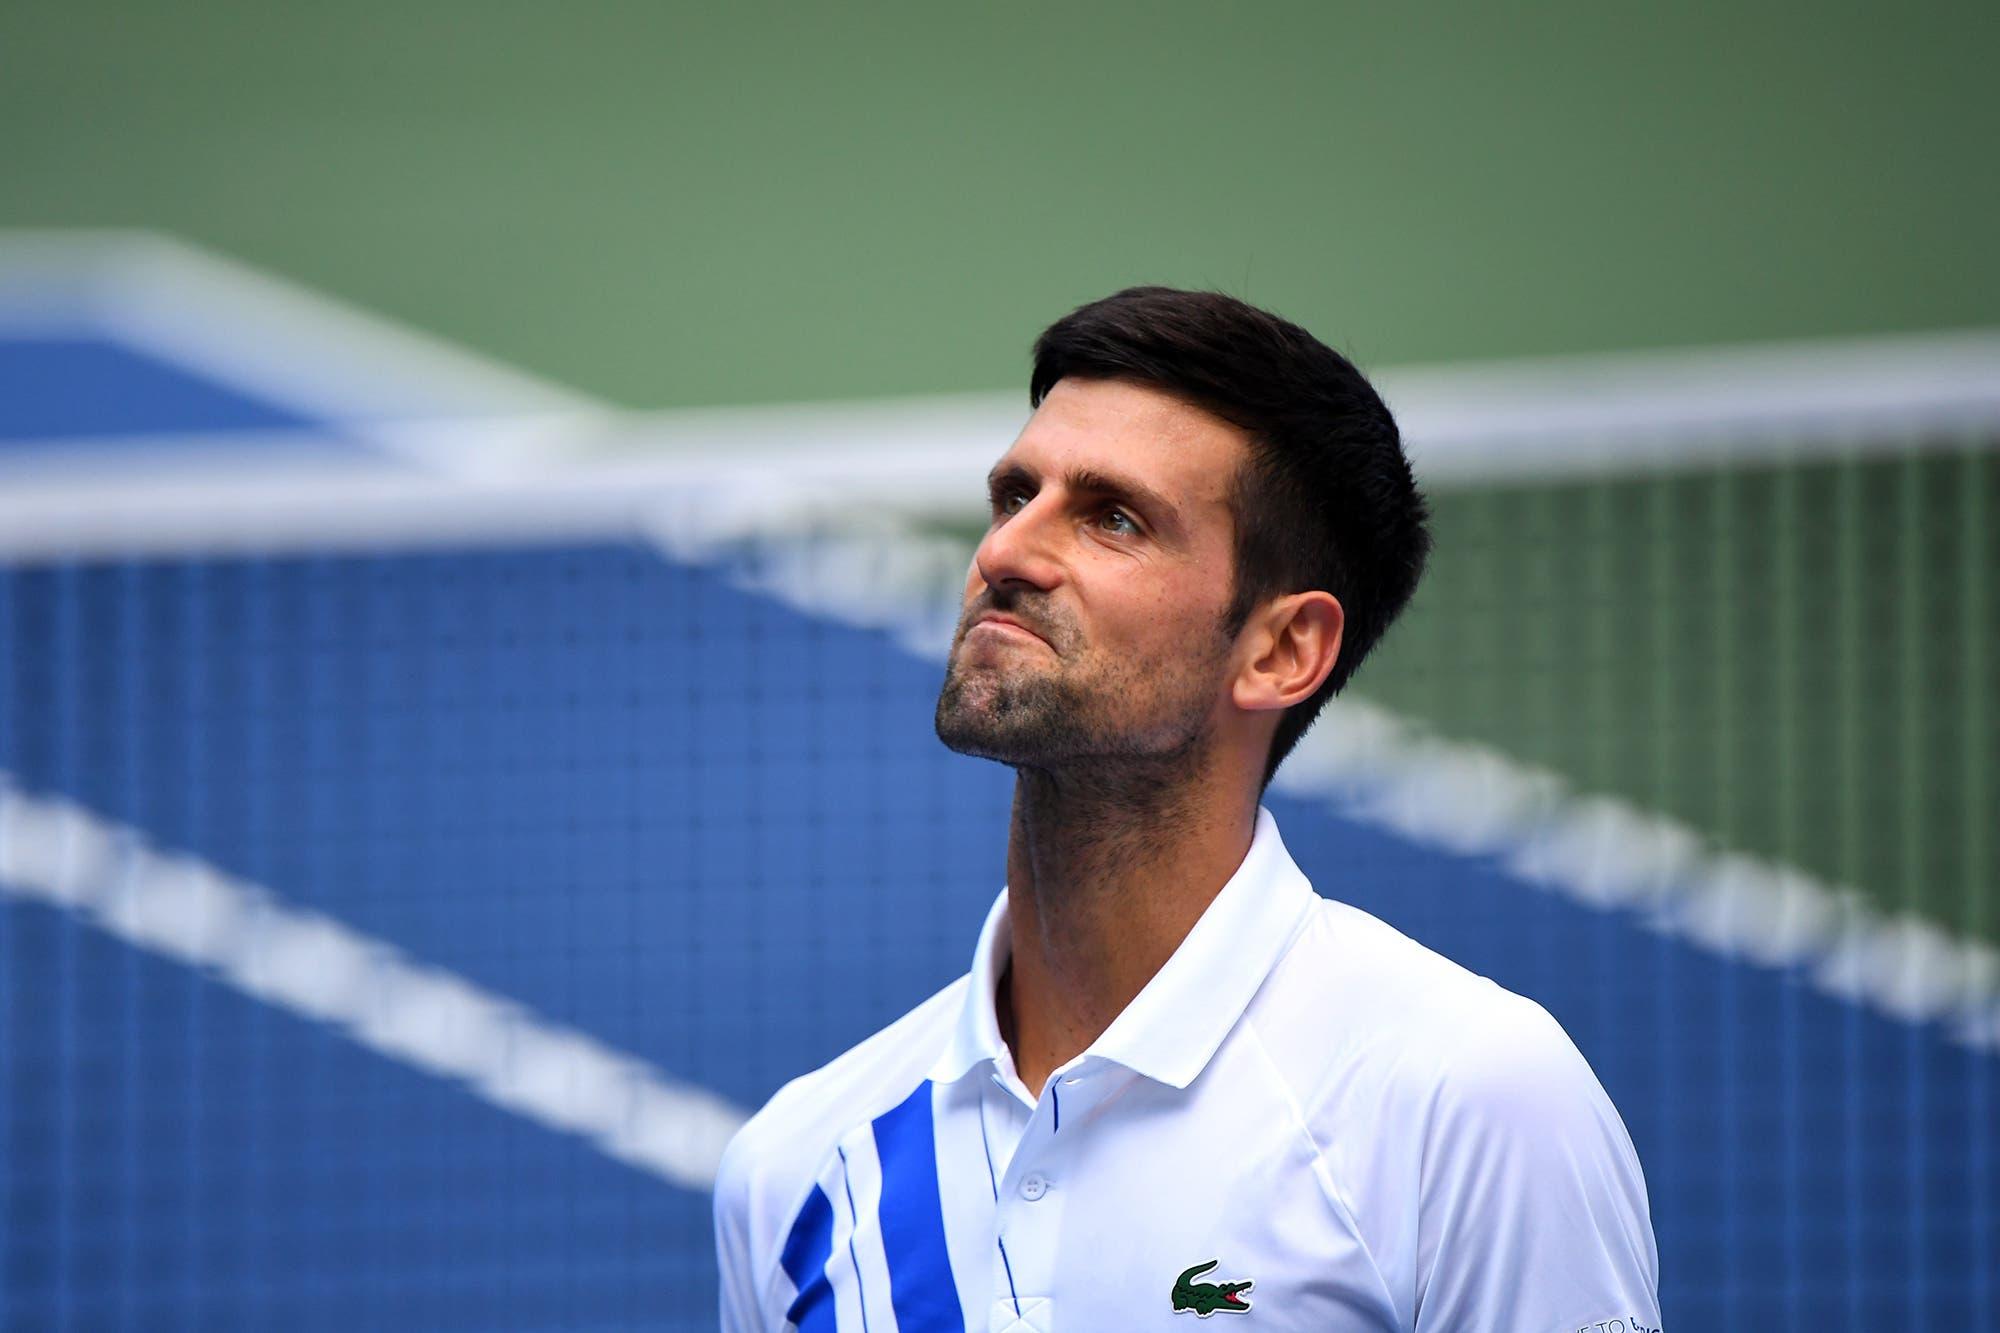 Djokovic no puede festejar los títulos ni el invicto: Nadal y Federer lo criticaron por formar un sindicato paralelo de jugadores